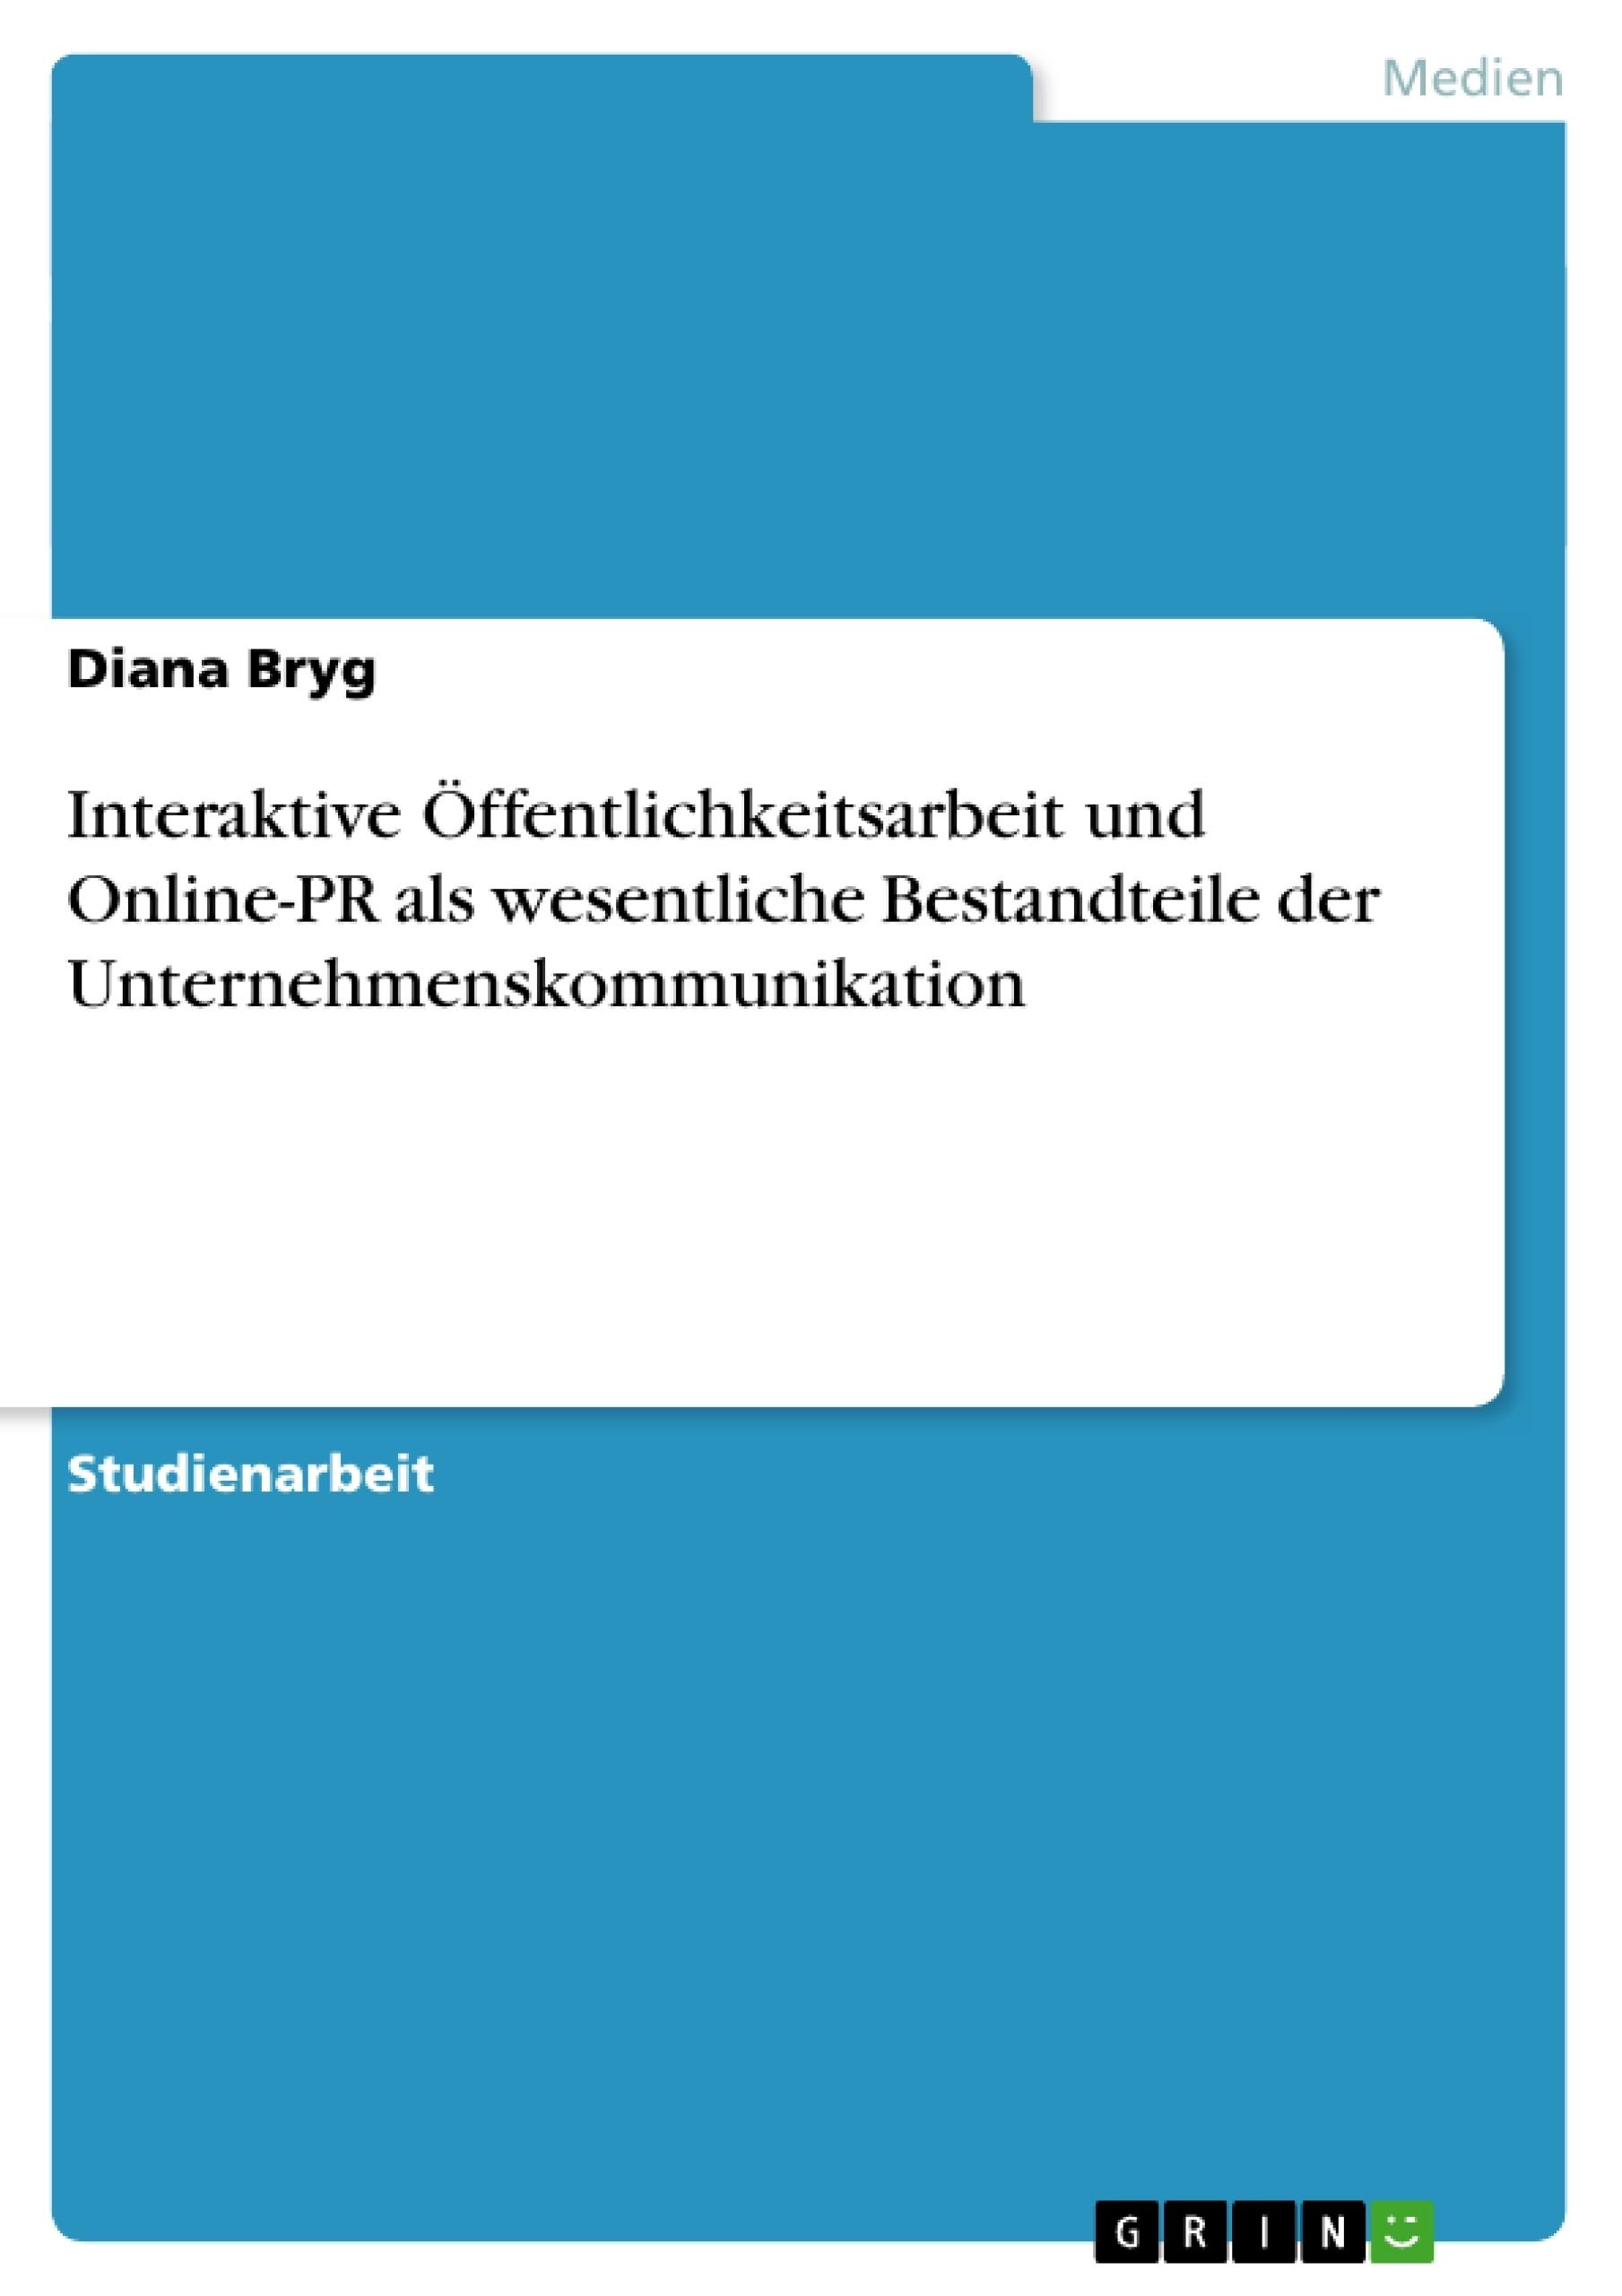 Titel: Interaktive Öffentlichkeitsarbeit und Online-PR als wesentliche Bestandteile der Unternehmenskommunikation